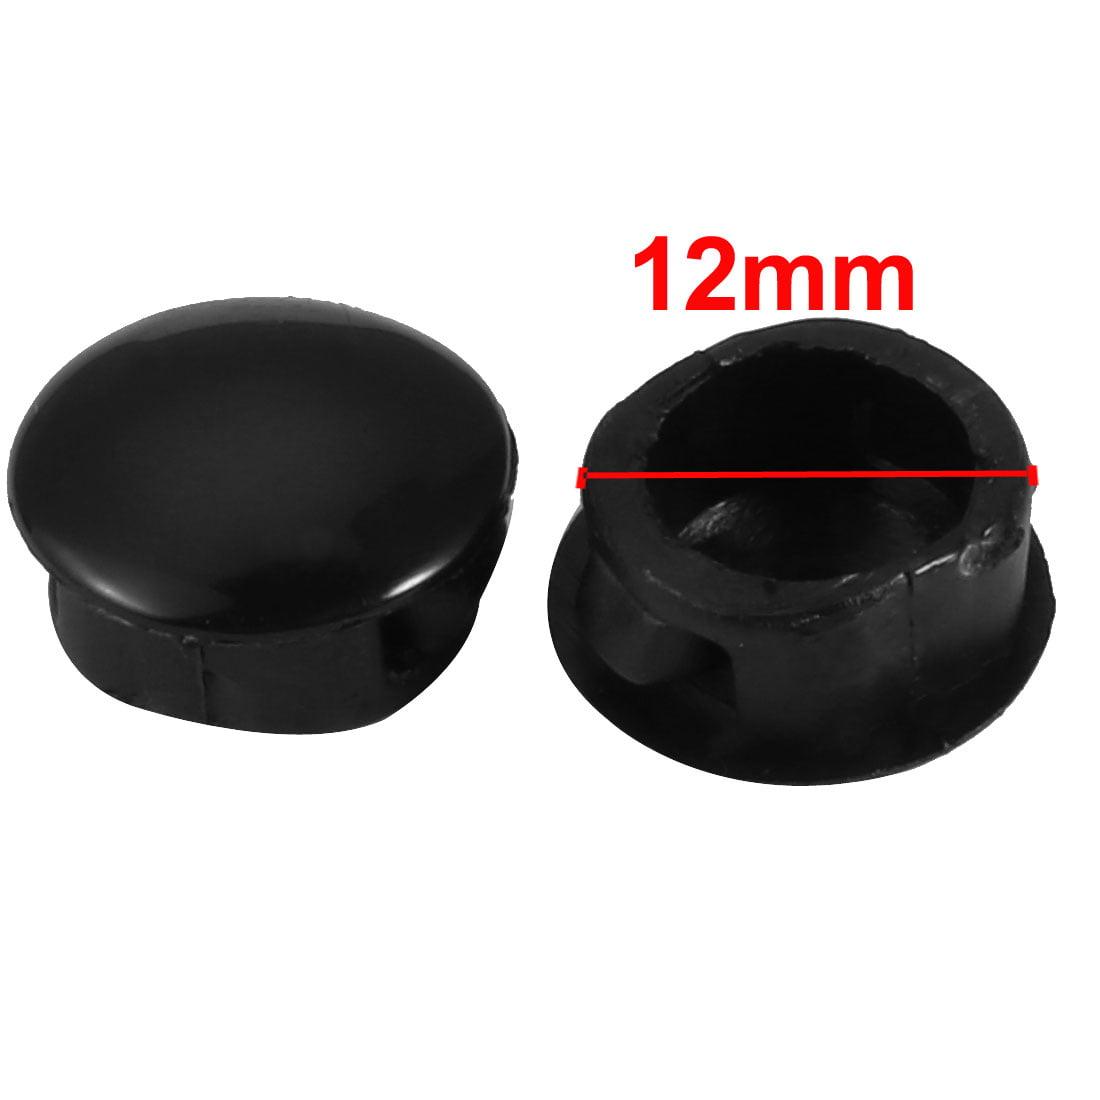 Unique Bargains 20 pcs 12mm Dia Black Plastic Tubing Plug Door and Window Locking Hole Plugs - image 1 de 2